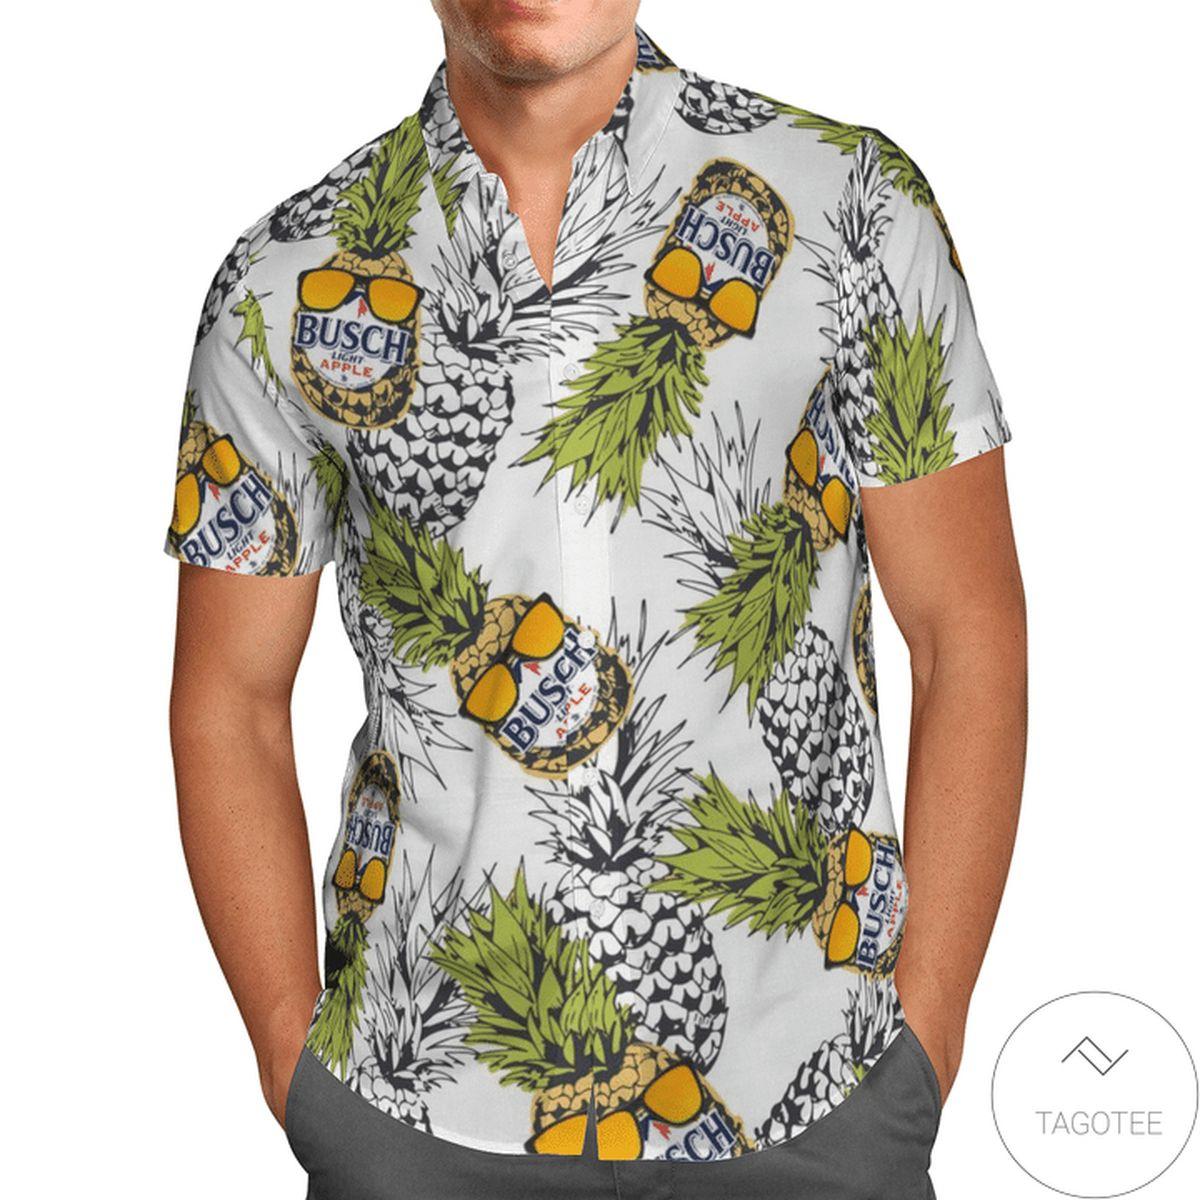 Busch Light Pineapple White Hawaiian Shirt